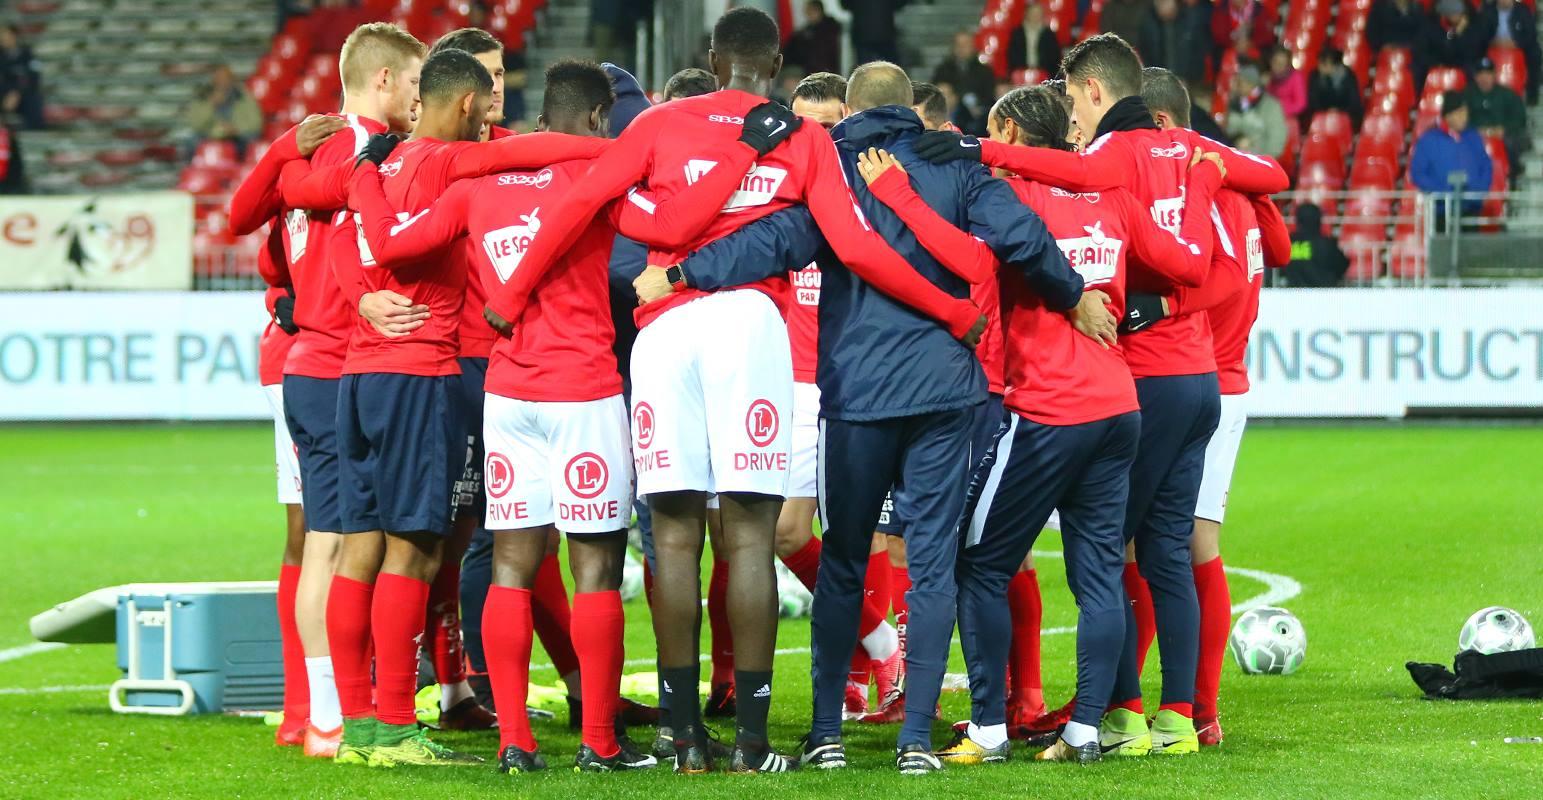 Ligue 2, AC Ajaccio-Brest 23 aprile: analisi e pronostico della giornata della seconda divisione calcistica francese